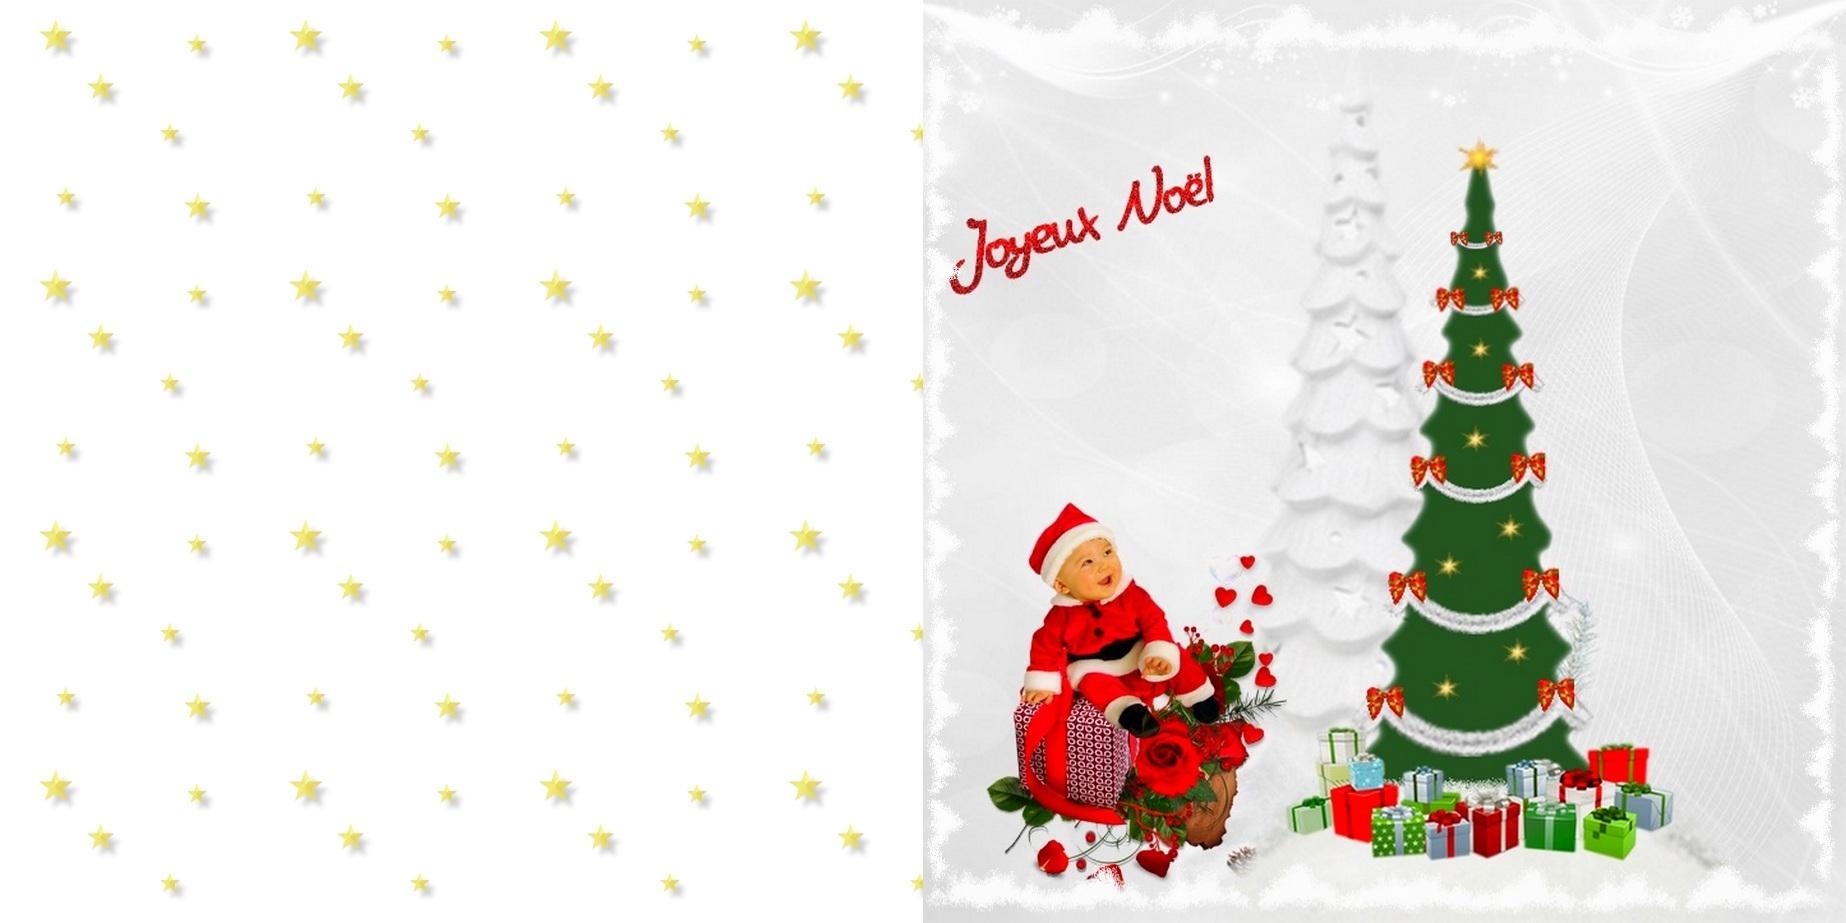 Carte Joyeux Noël - Fonds&décosblogimag'nation intérieur Carte Joyeux Noel À Imprimer